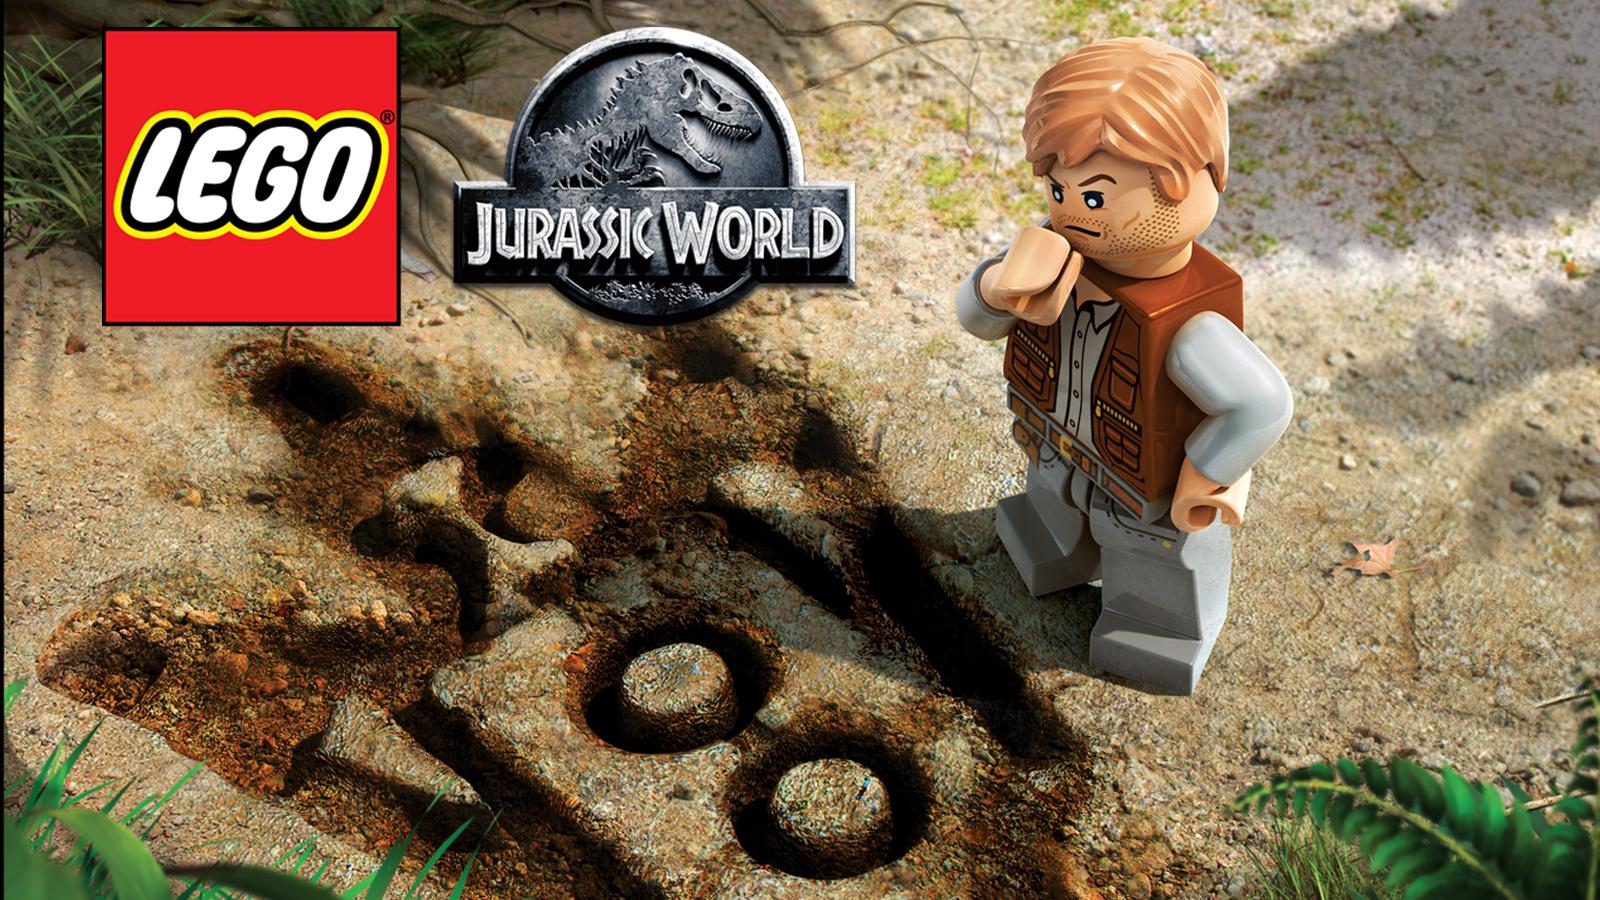 Primer tráiler de \'LEGO Jurassic World\' - ComboGamer